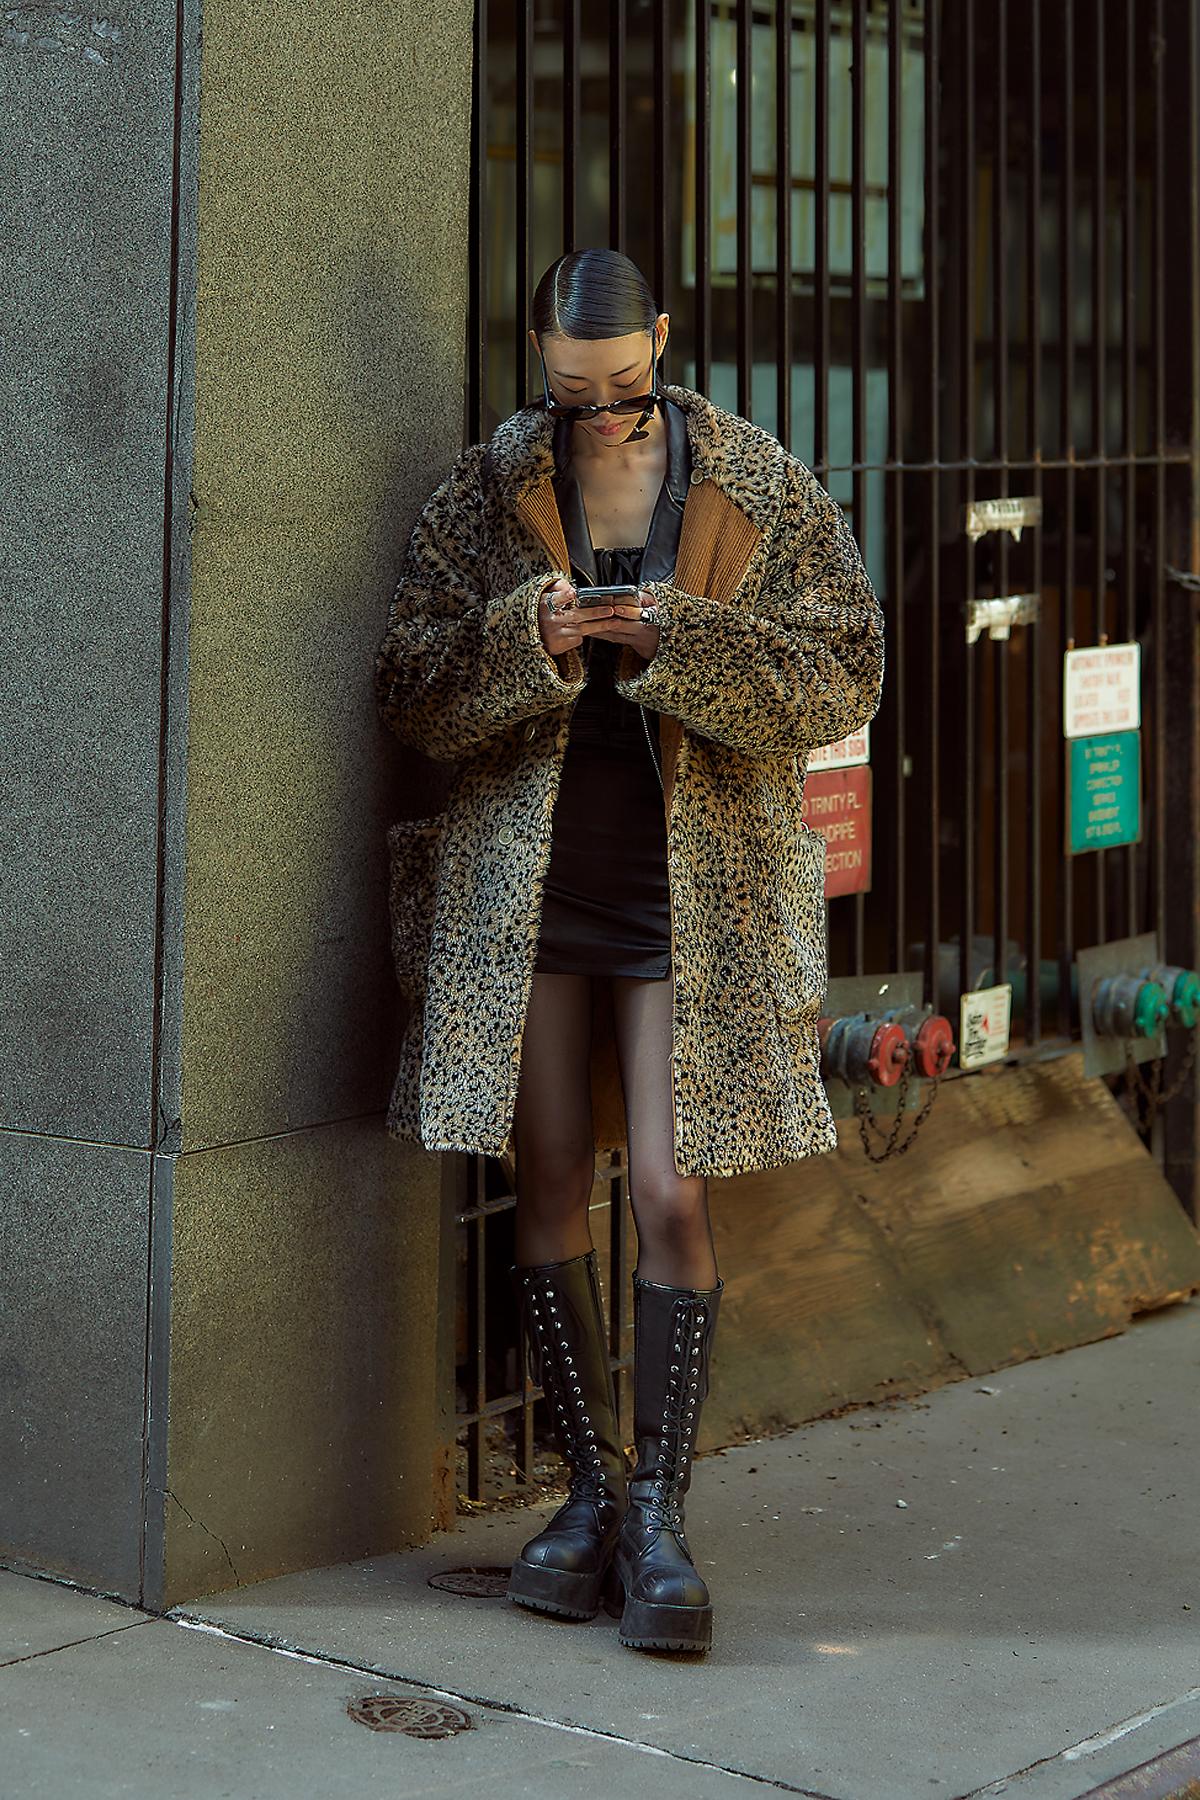 NEWYORK FASHION WEEK STREETWEAR WOMENS 2020FW Last Day